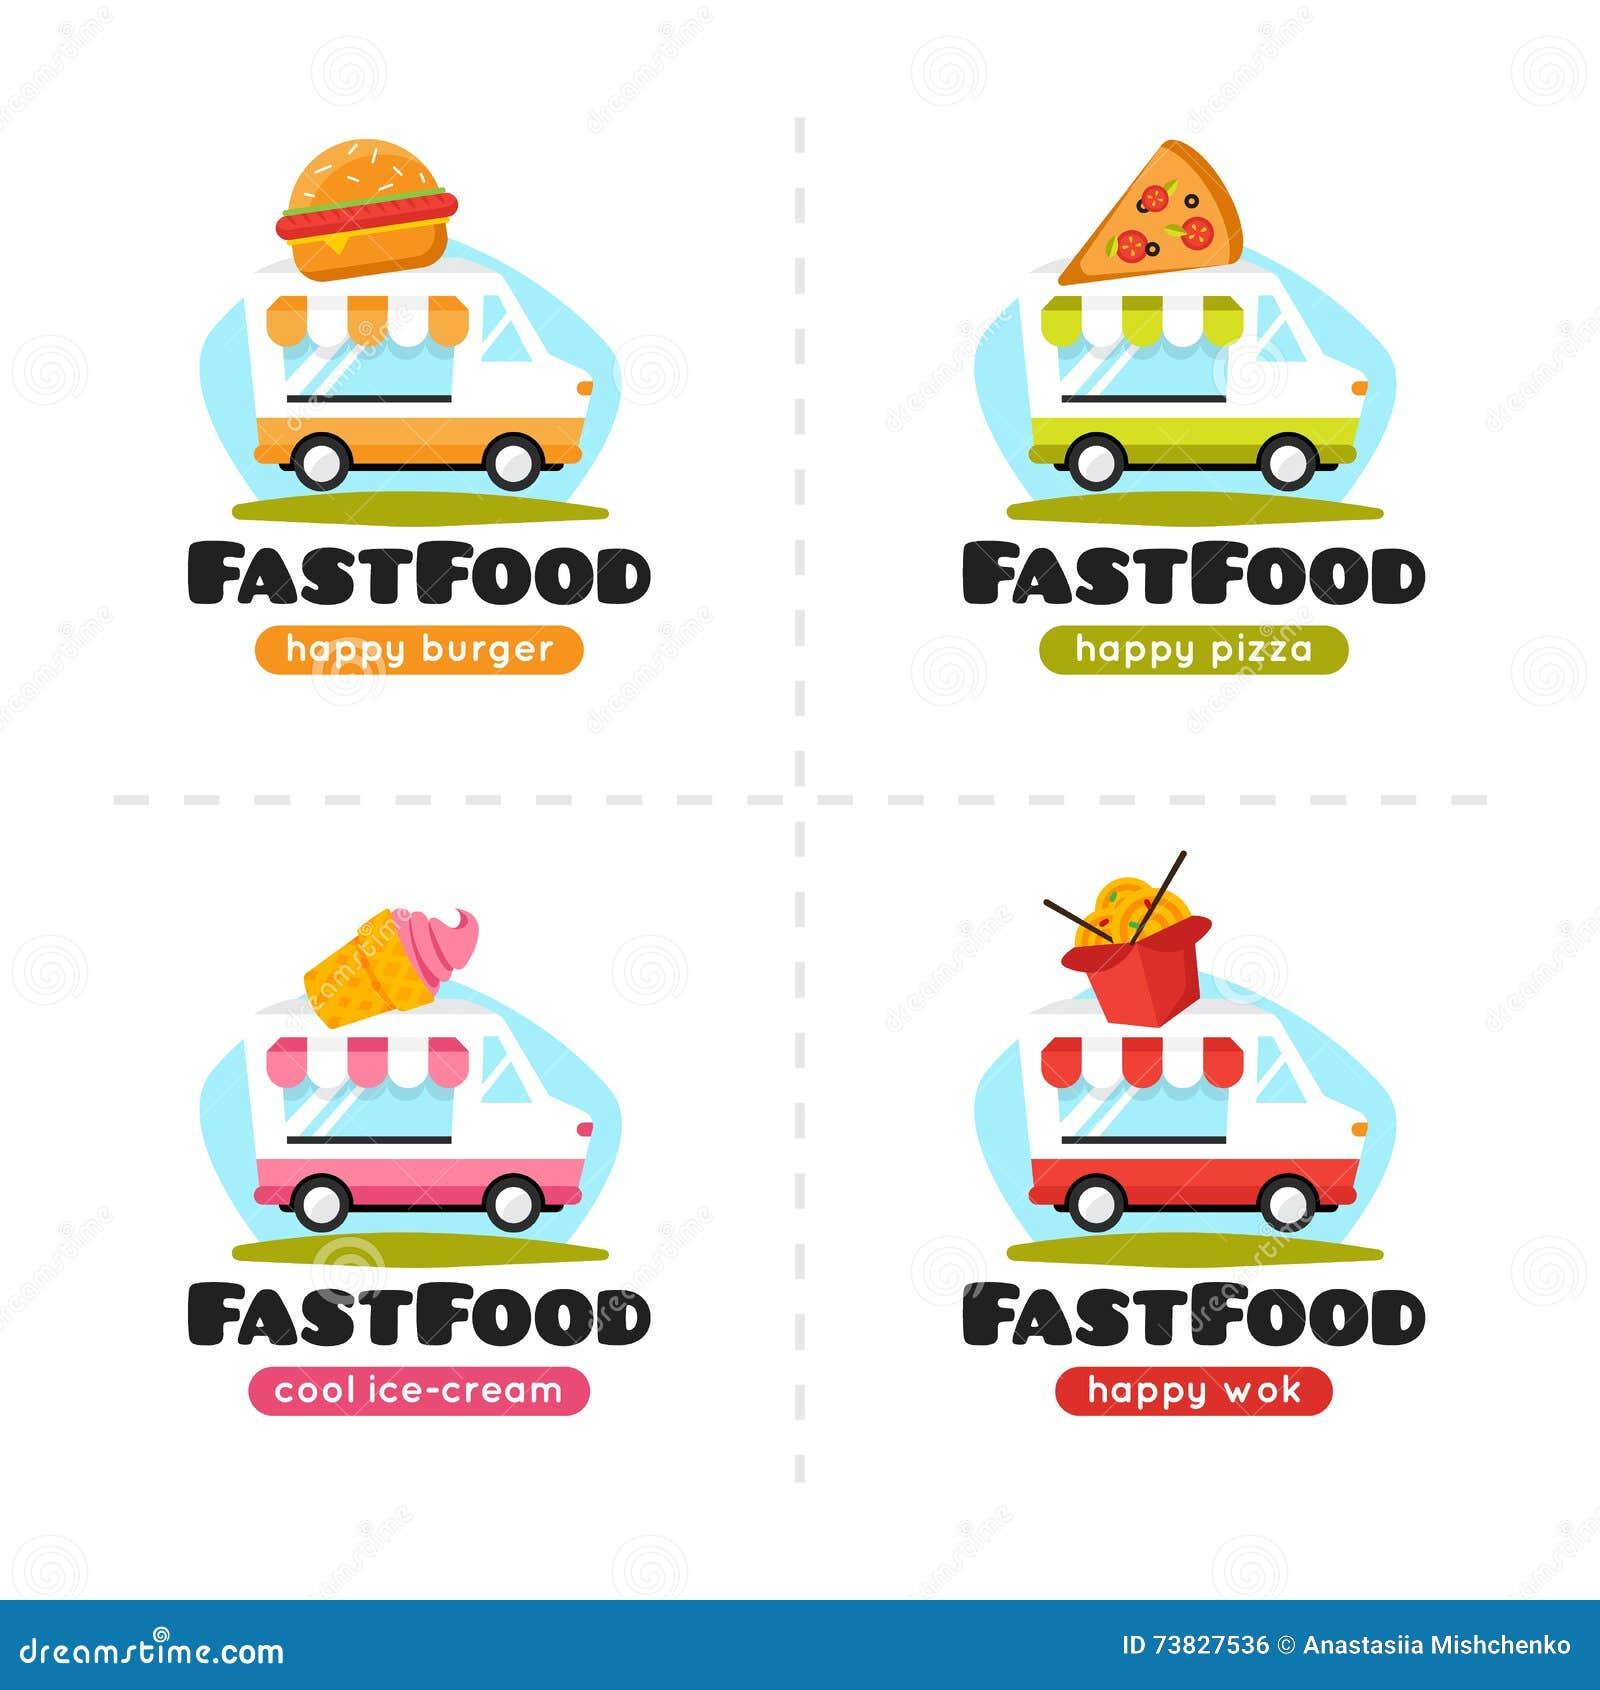 Fast food ice cream essay